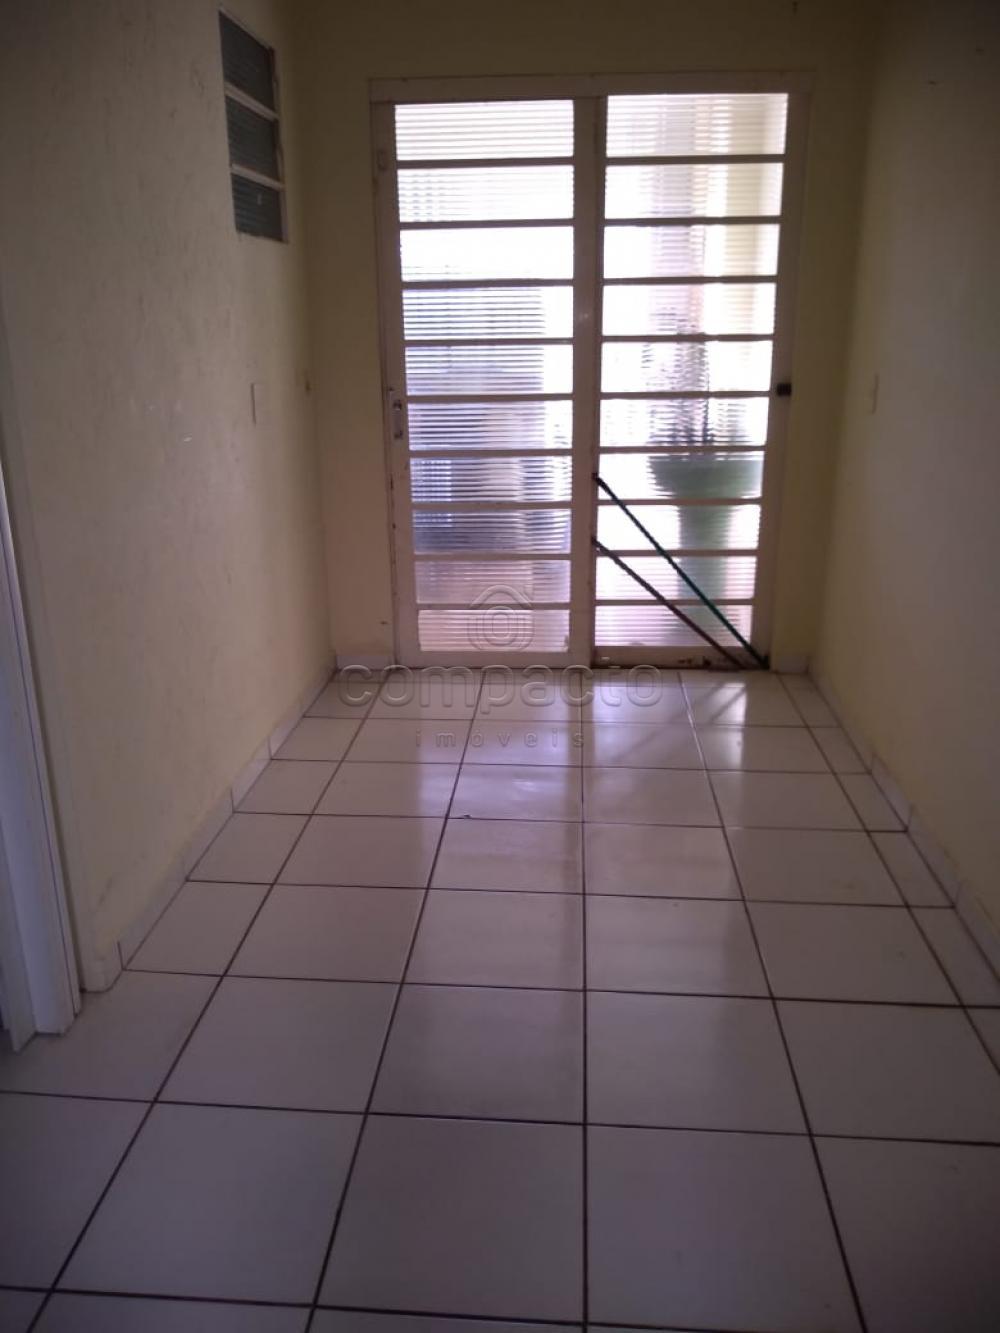 Alugar Casa / Padrão em São José do Rio Preto apenas R$ 1.600,00 - Foto 10